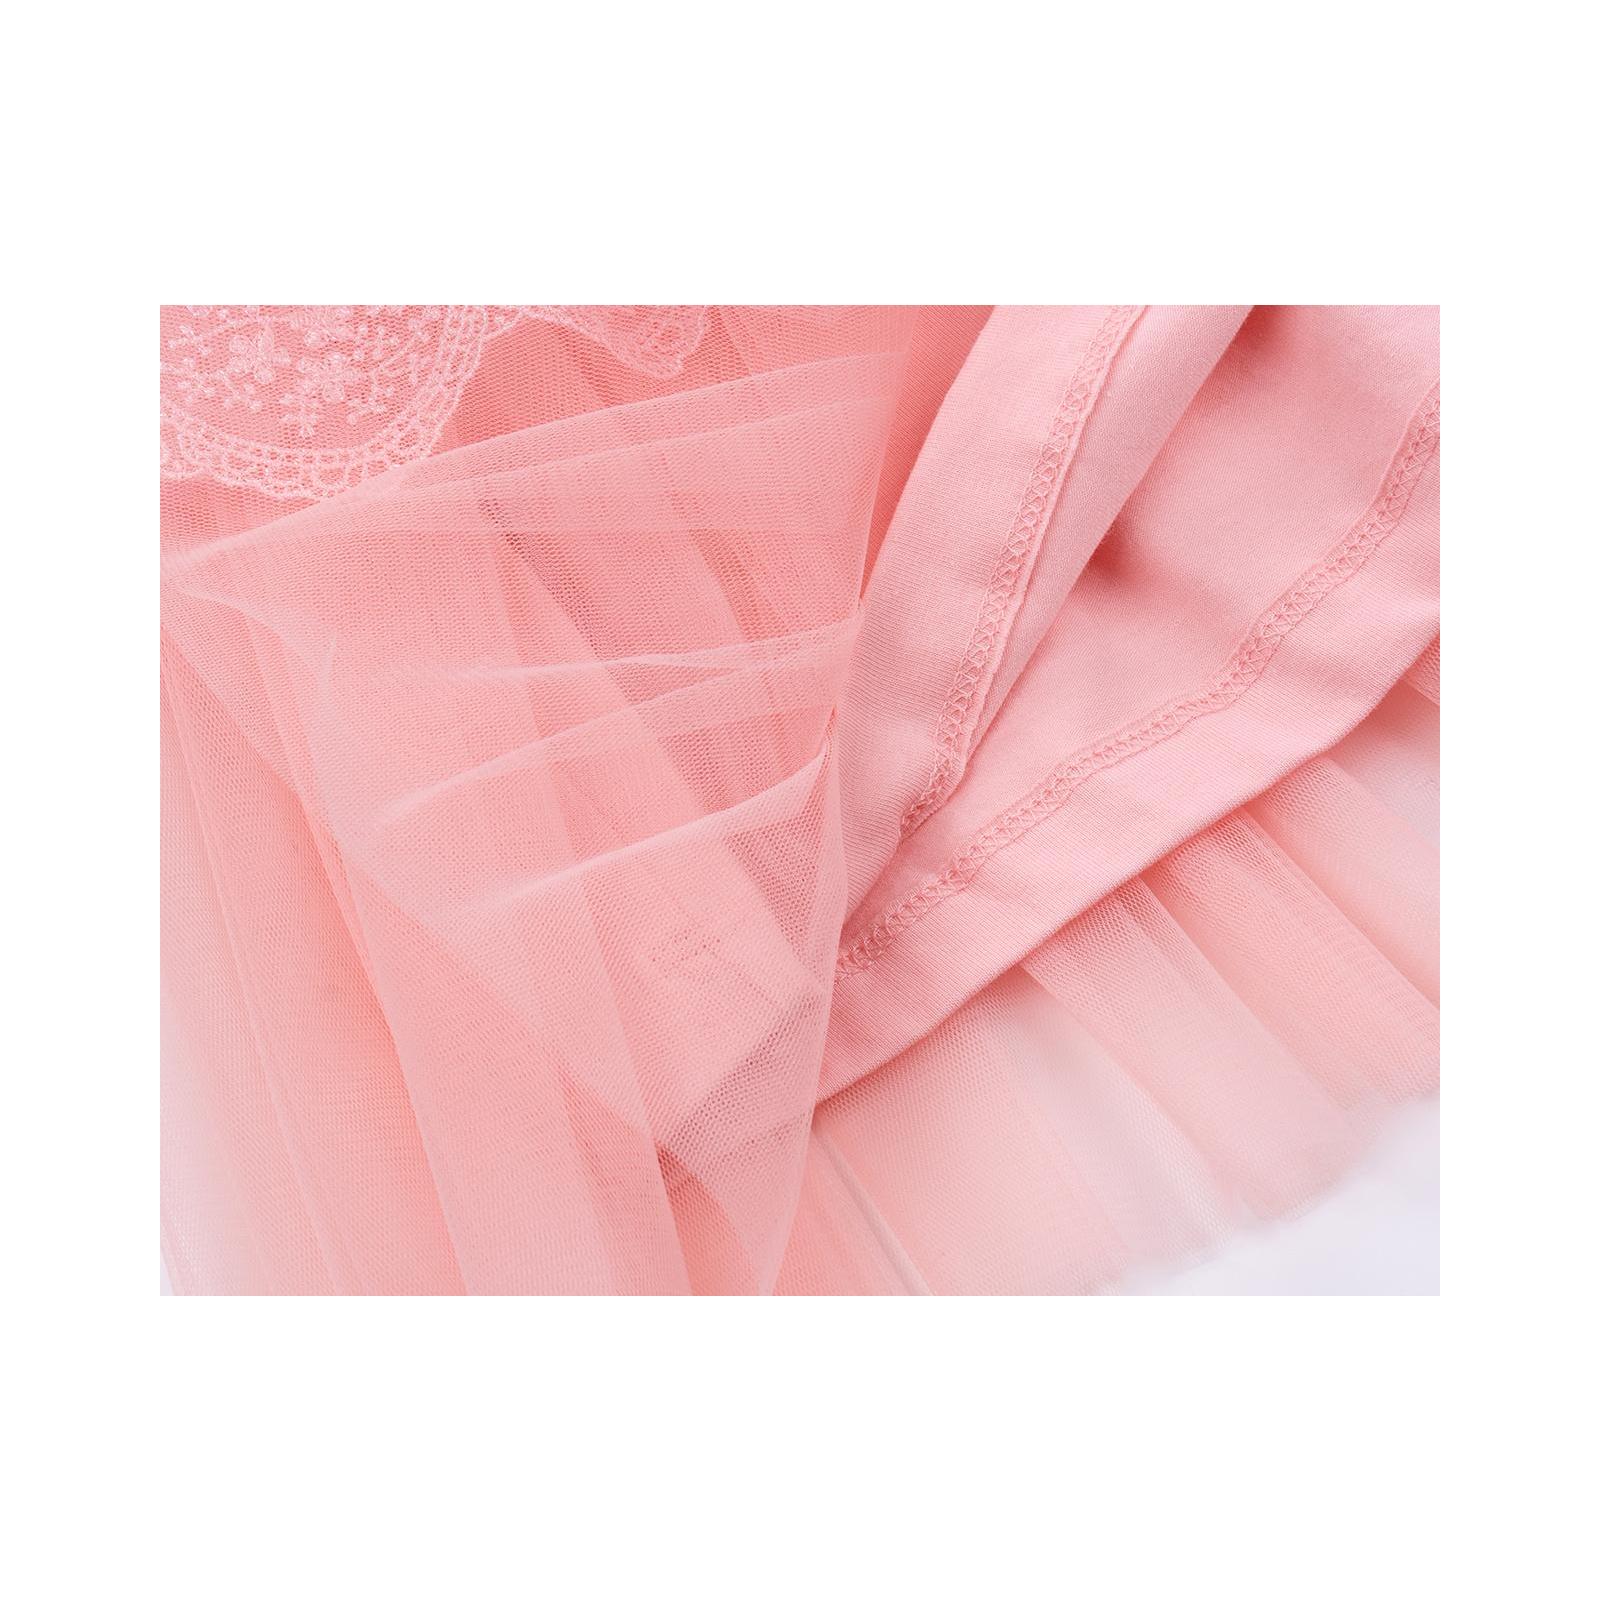 Платье Breeze кружевное с оборками (9011-80G-peach) изображение 5